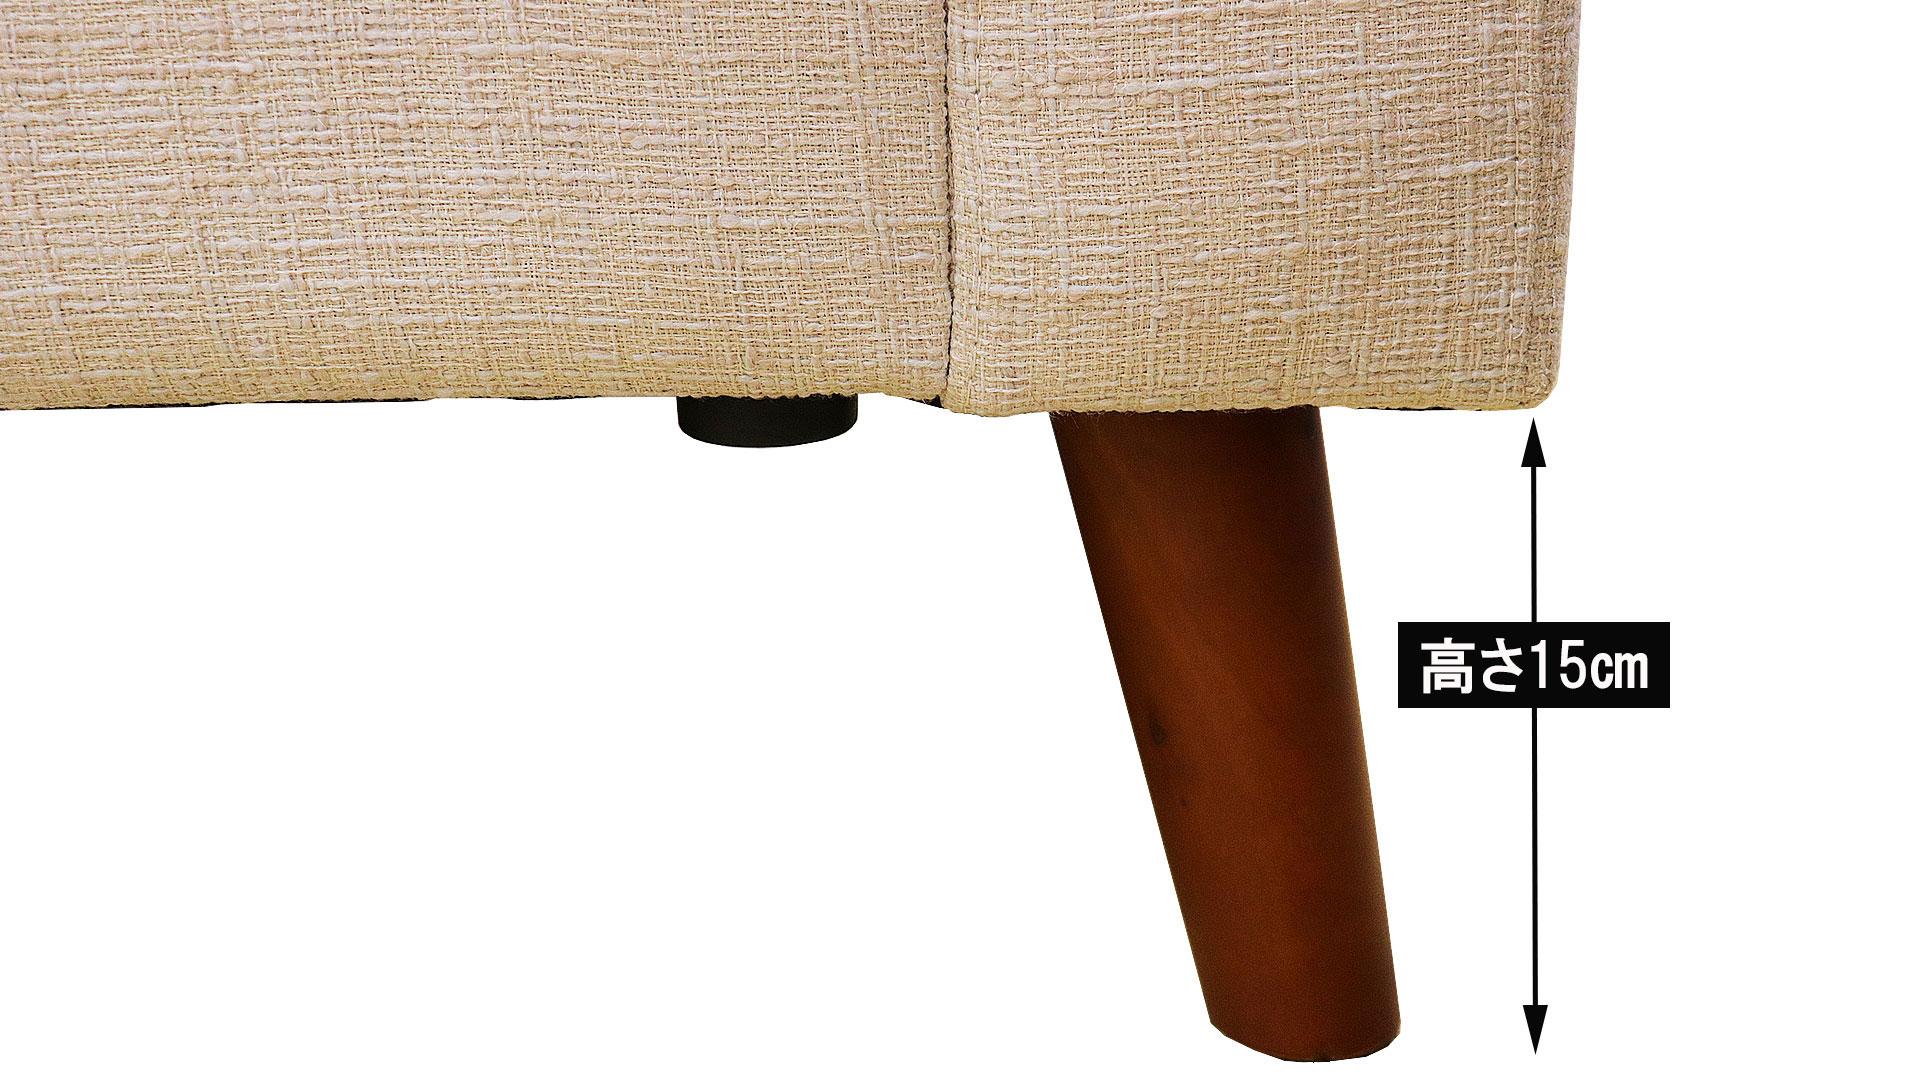 サンコウのカラーバリエーションが豊富な横幅120㎝の小さい二人掛けのソファ、プチの脚の高さの画像